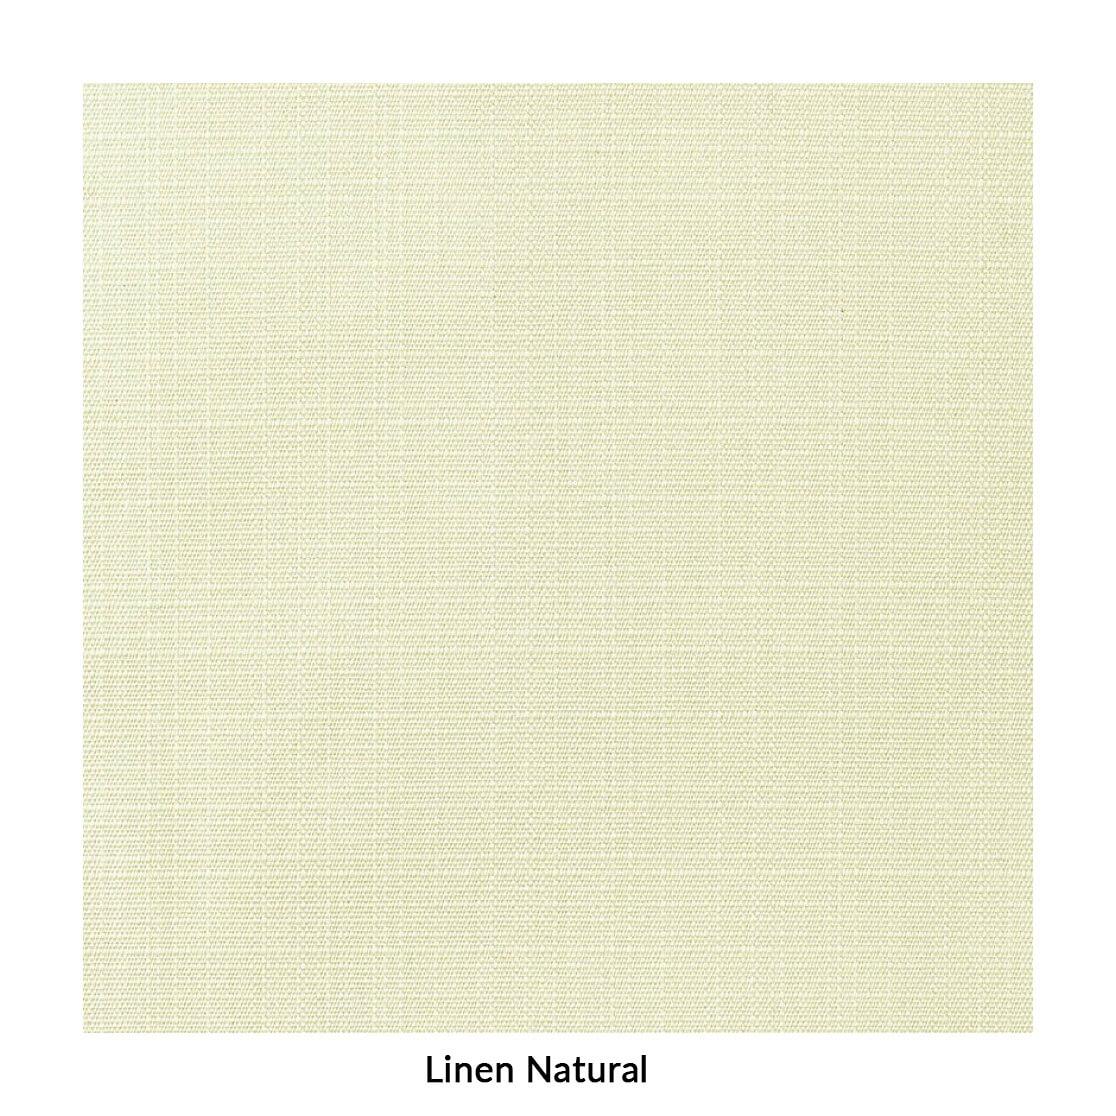 linen-natural.jpg